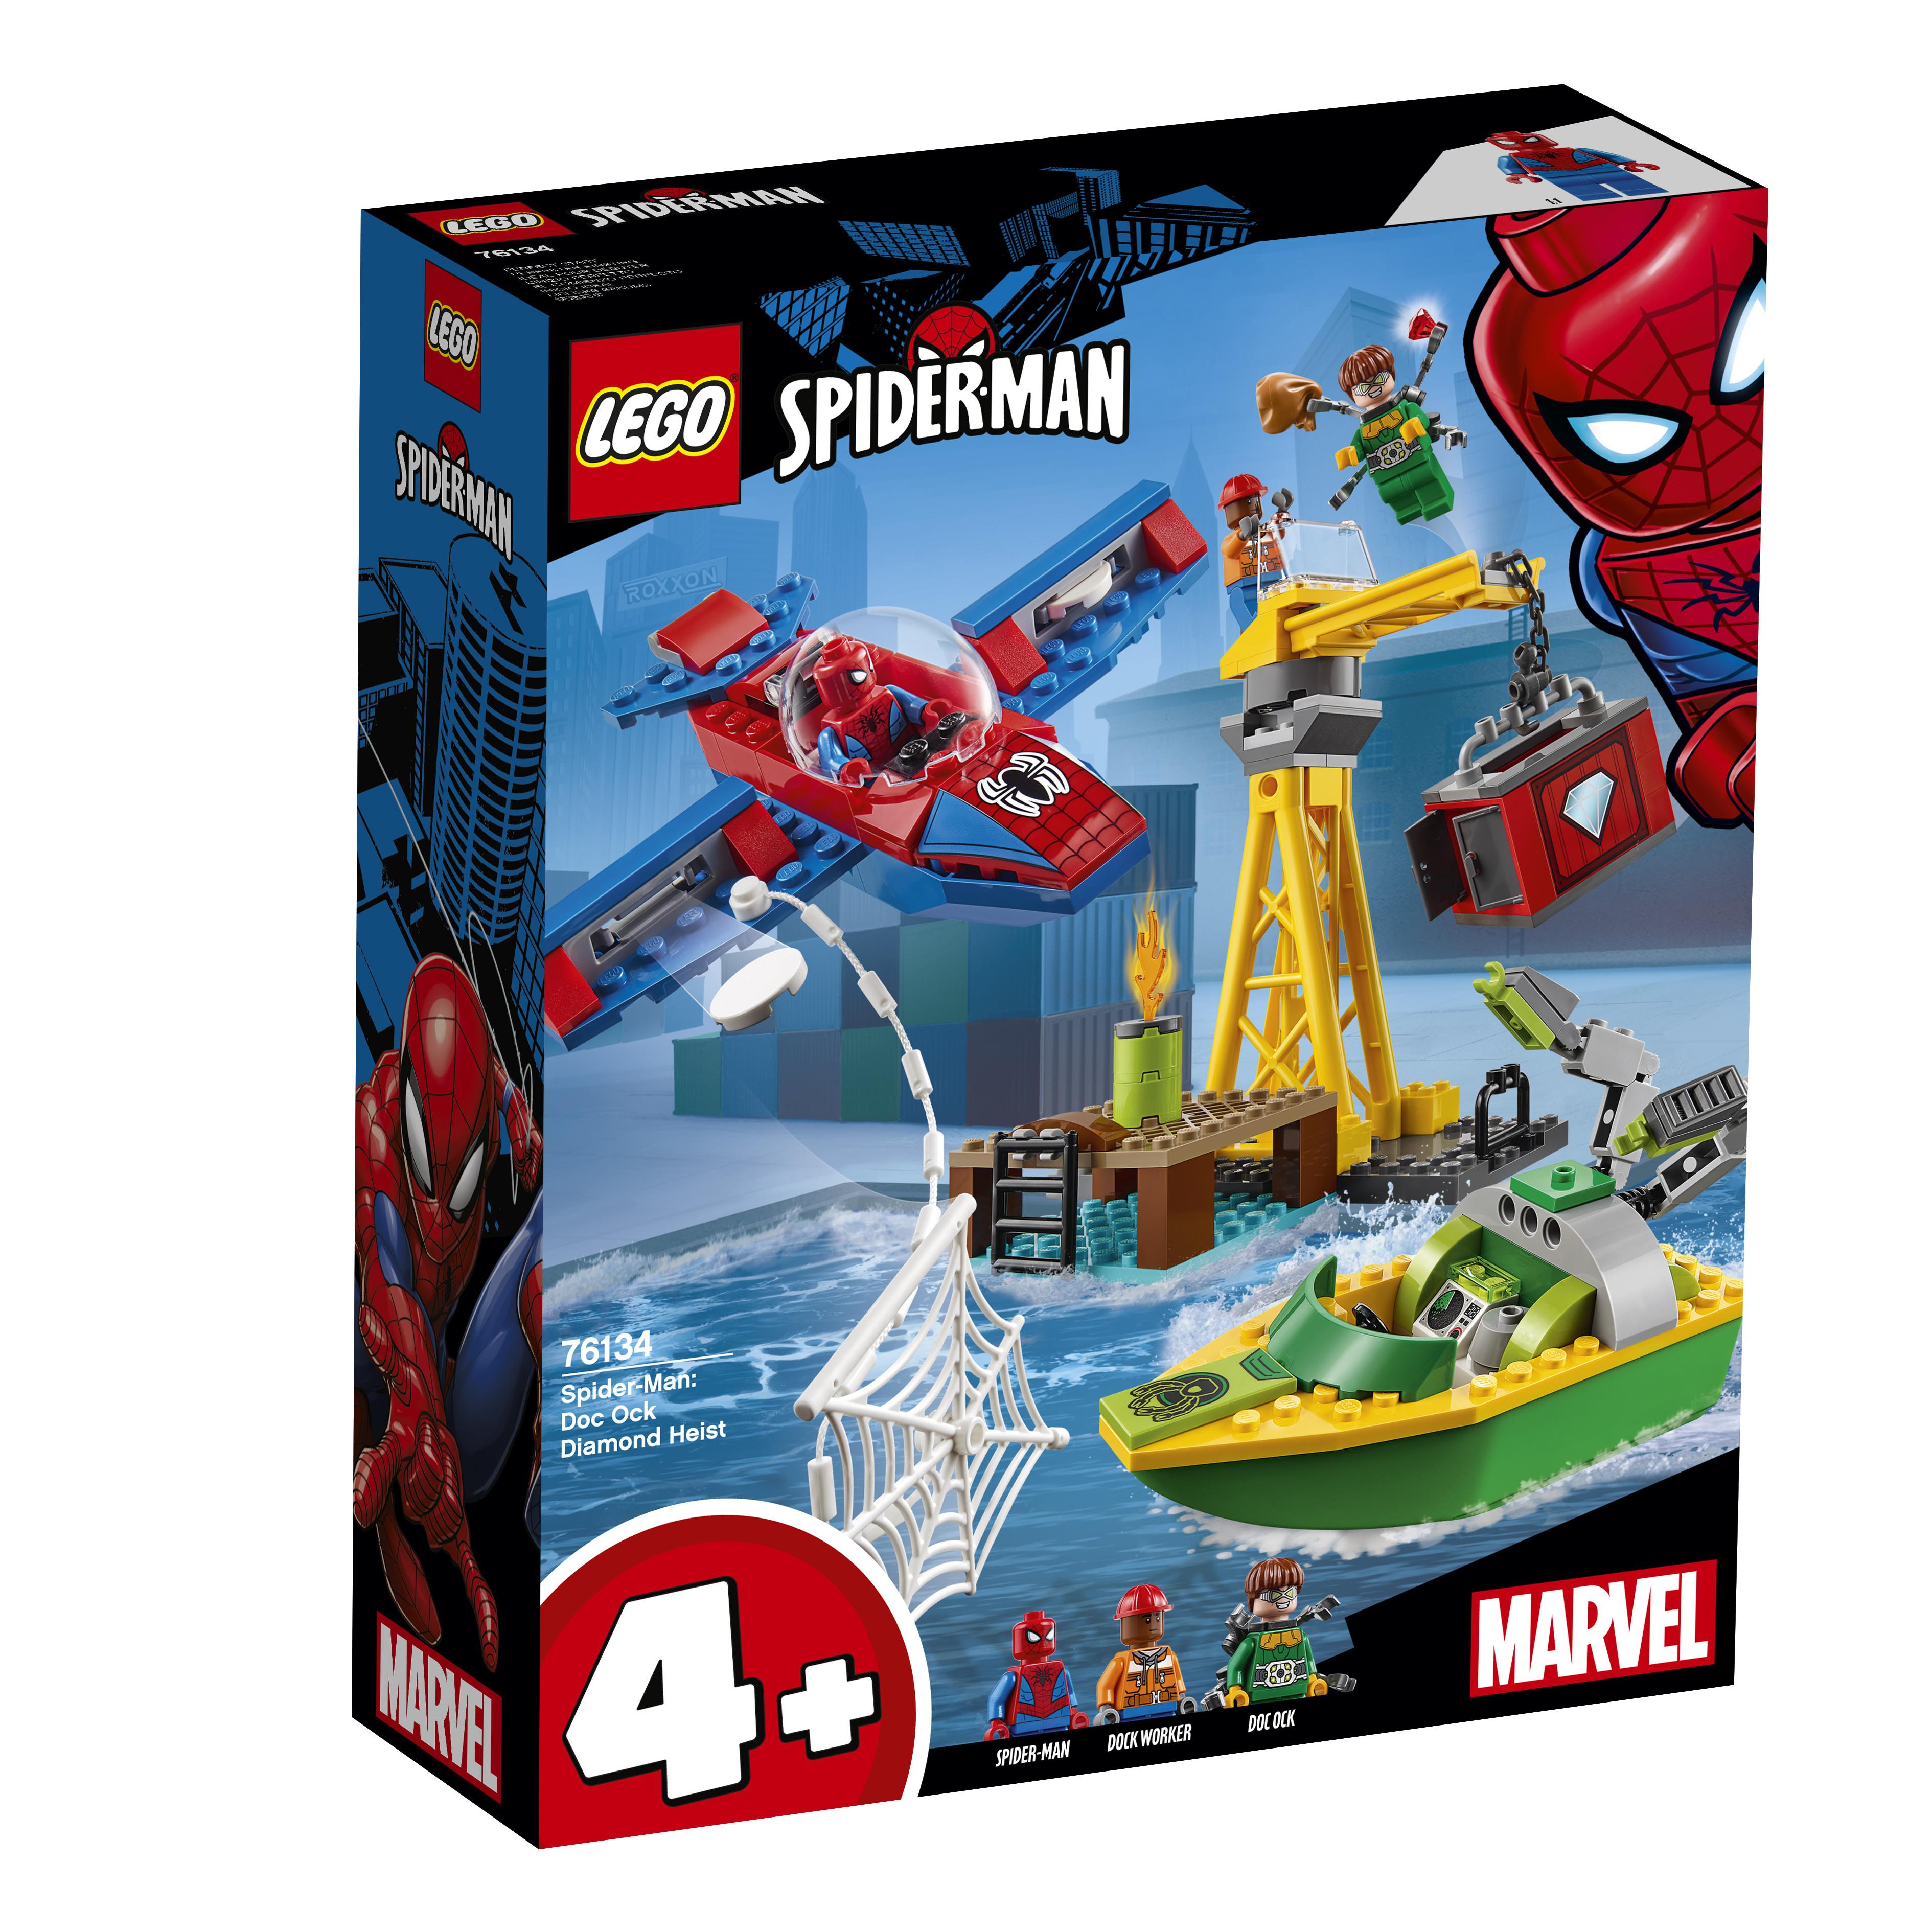 LEGO LEGO Super Heroes 76134 Человек-паук: похищение бриллиантов Доктором Осьминогом lego lego super heroes 76058 человек паук союз с призрачным гонщиком